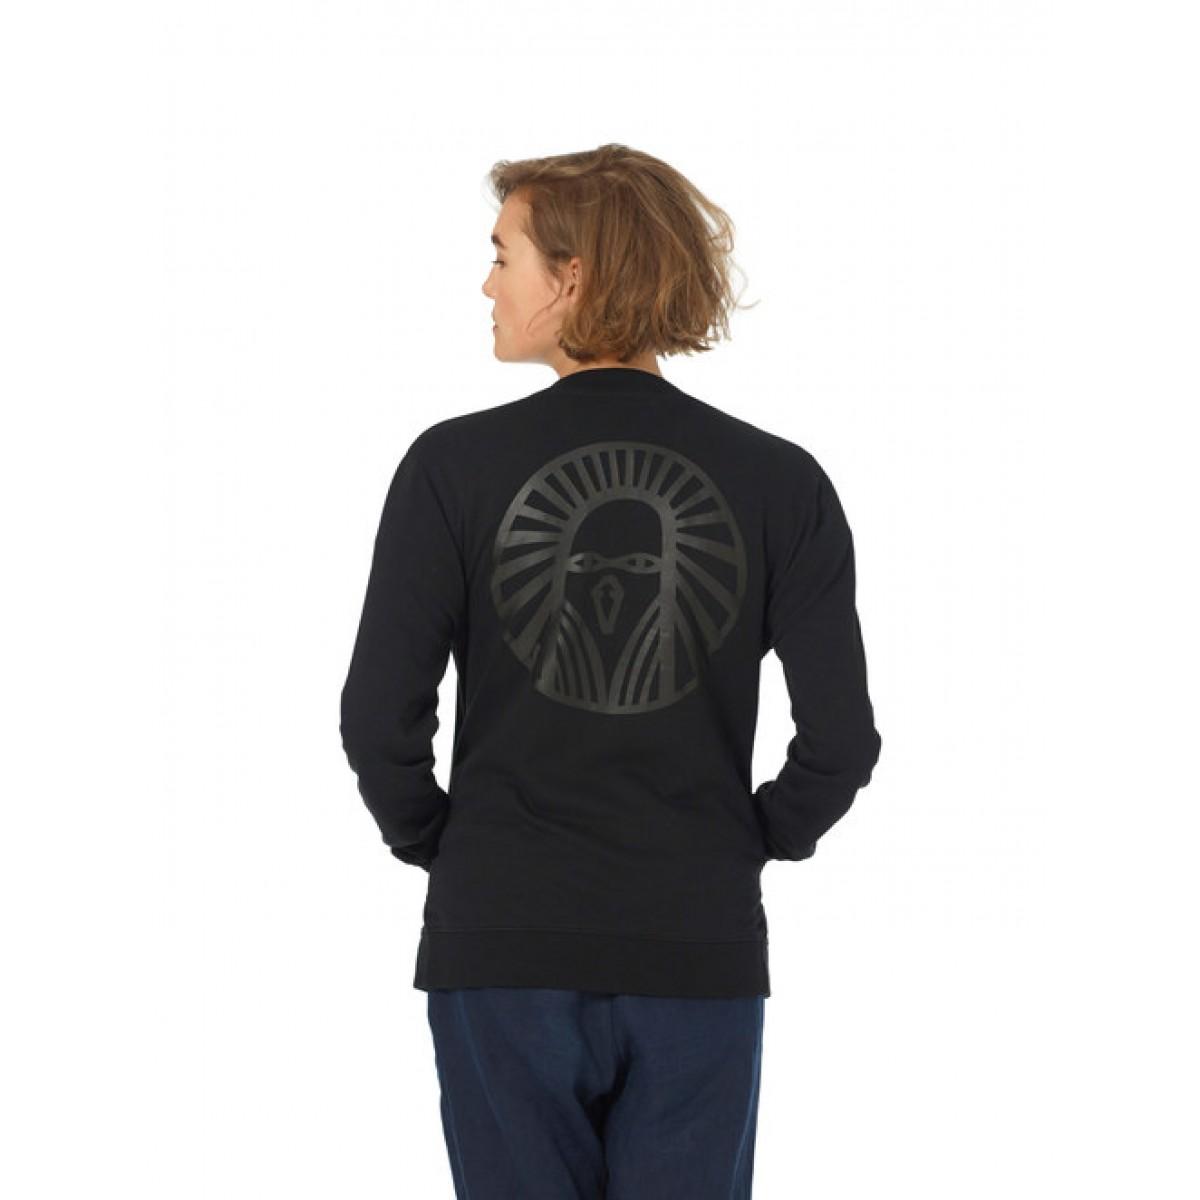 fabelwesen berlin FW.14 COLLEGE JACKET Zip Sweater